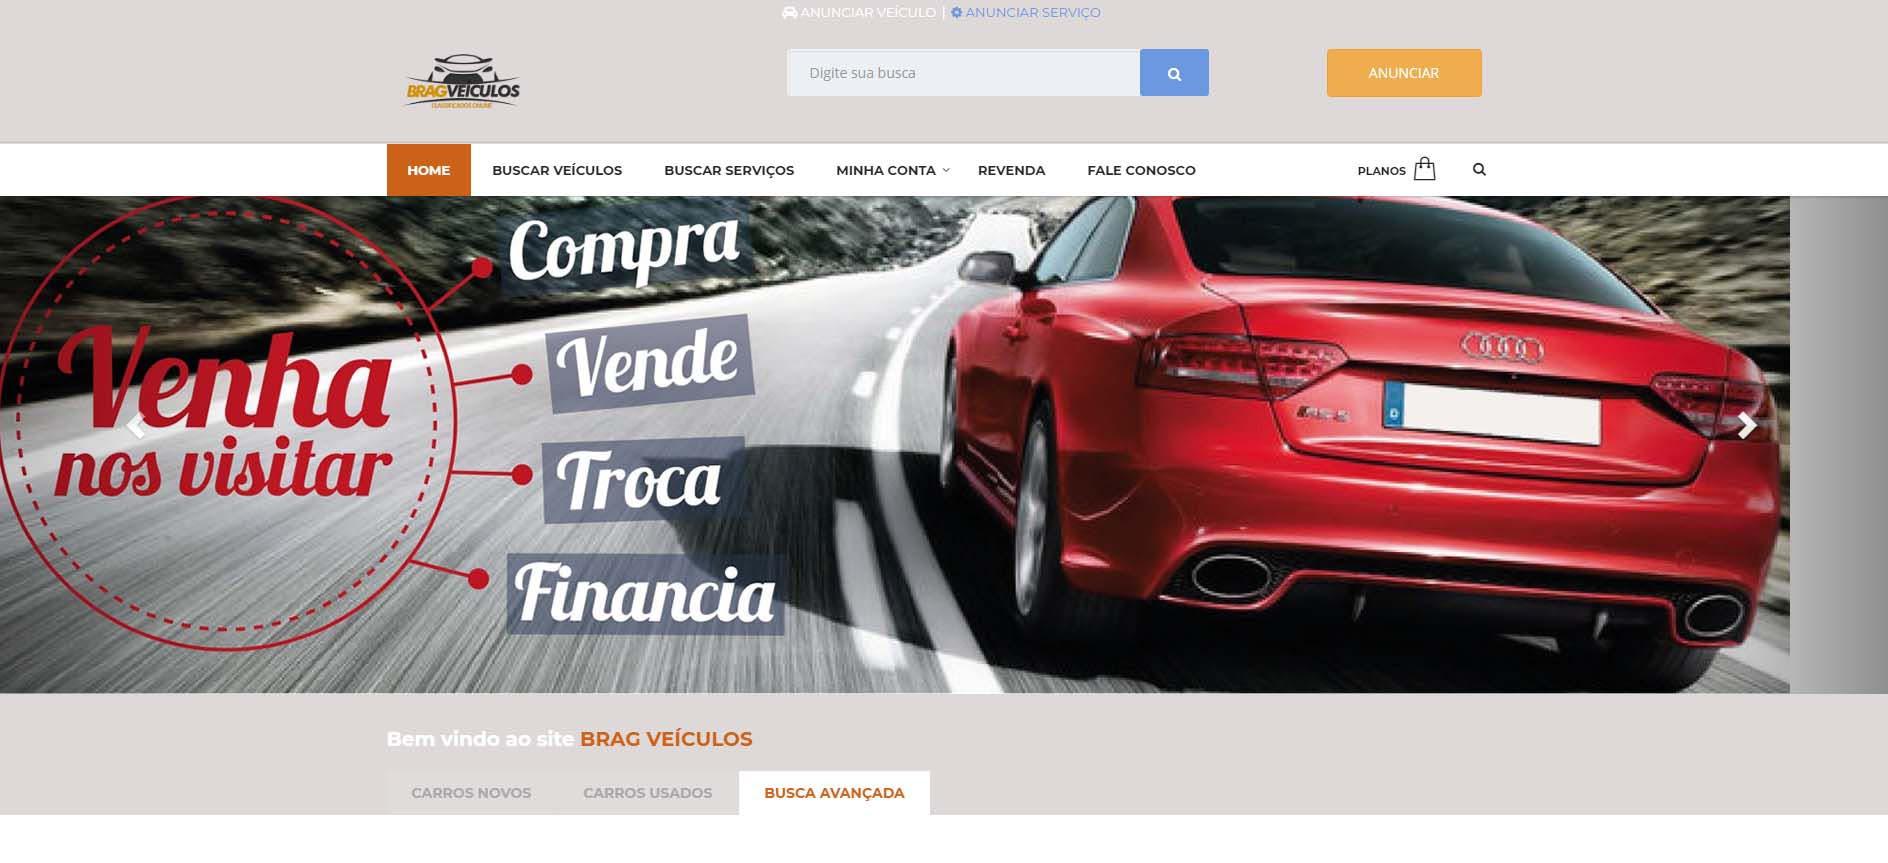 bragveiculos.com.br